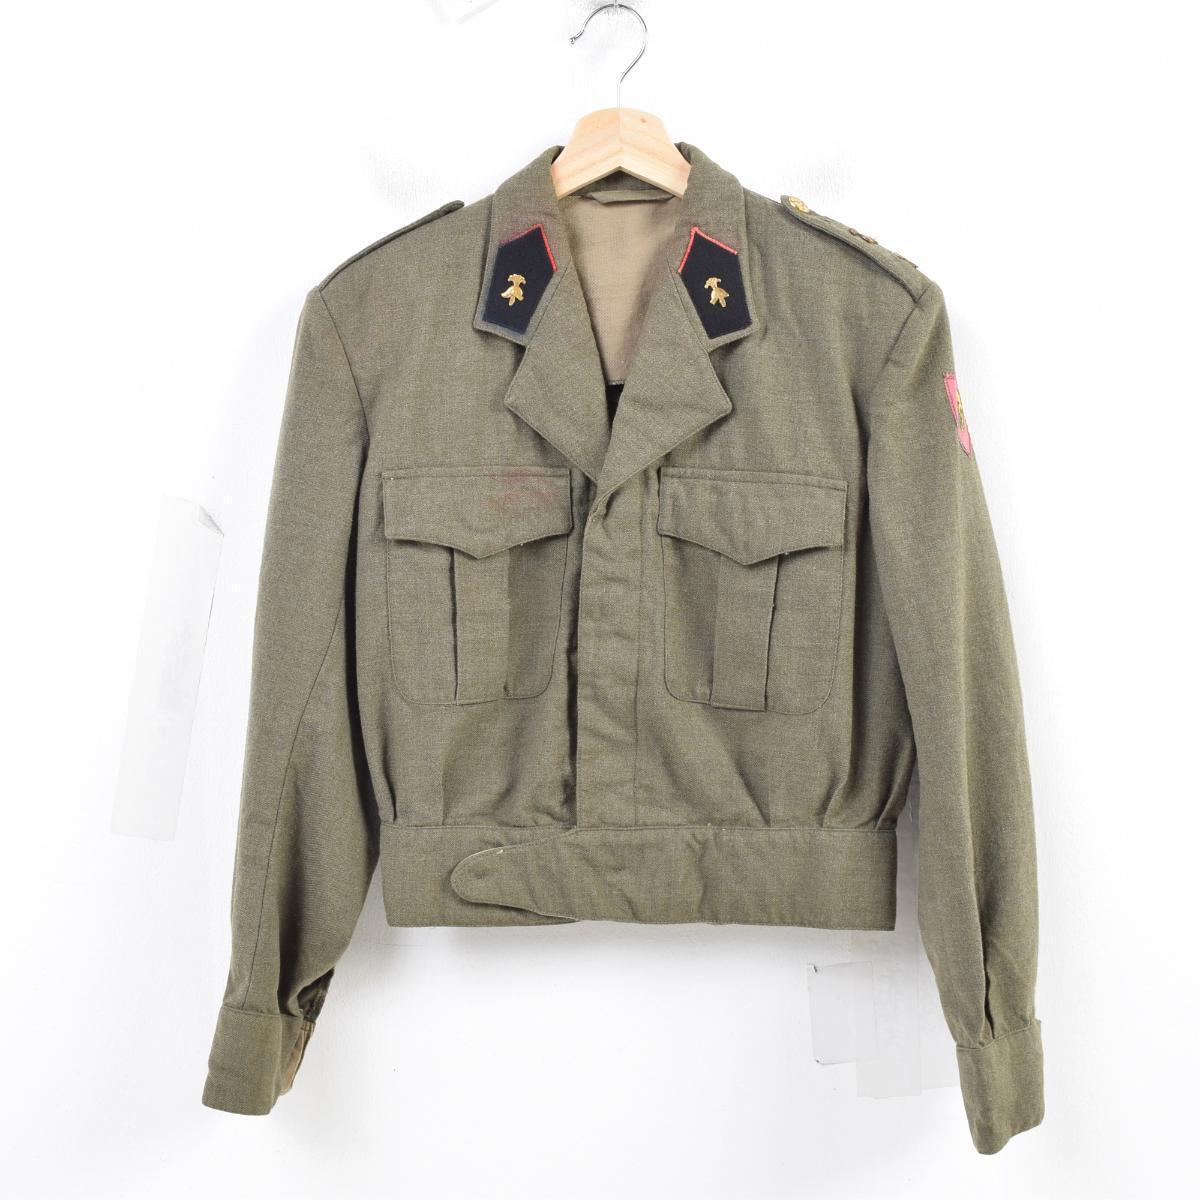 2a92fba29 60s Belgium military true article Ike jacket military wool jacket men S  vintage /wau0821 ...